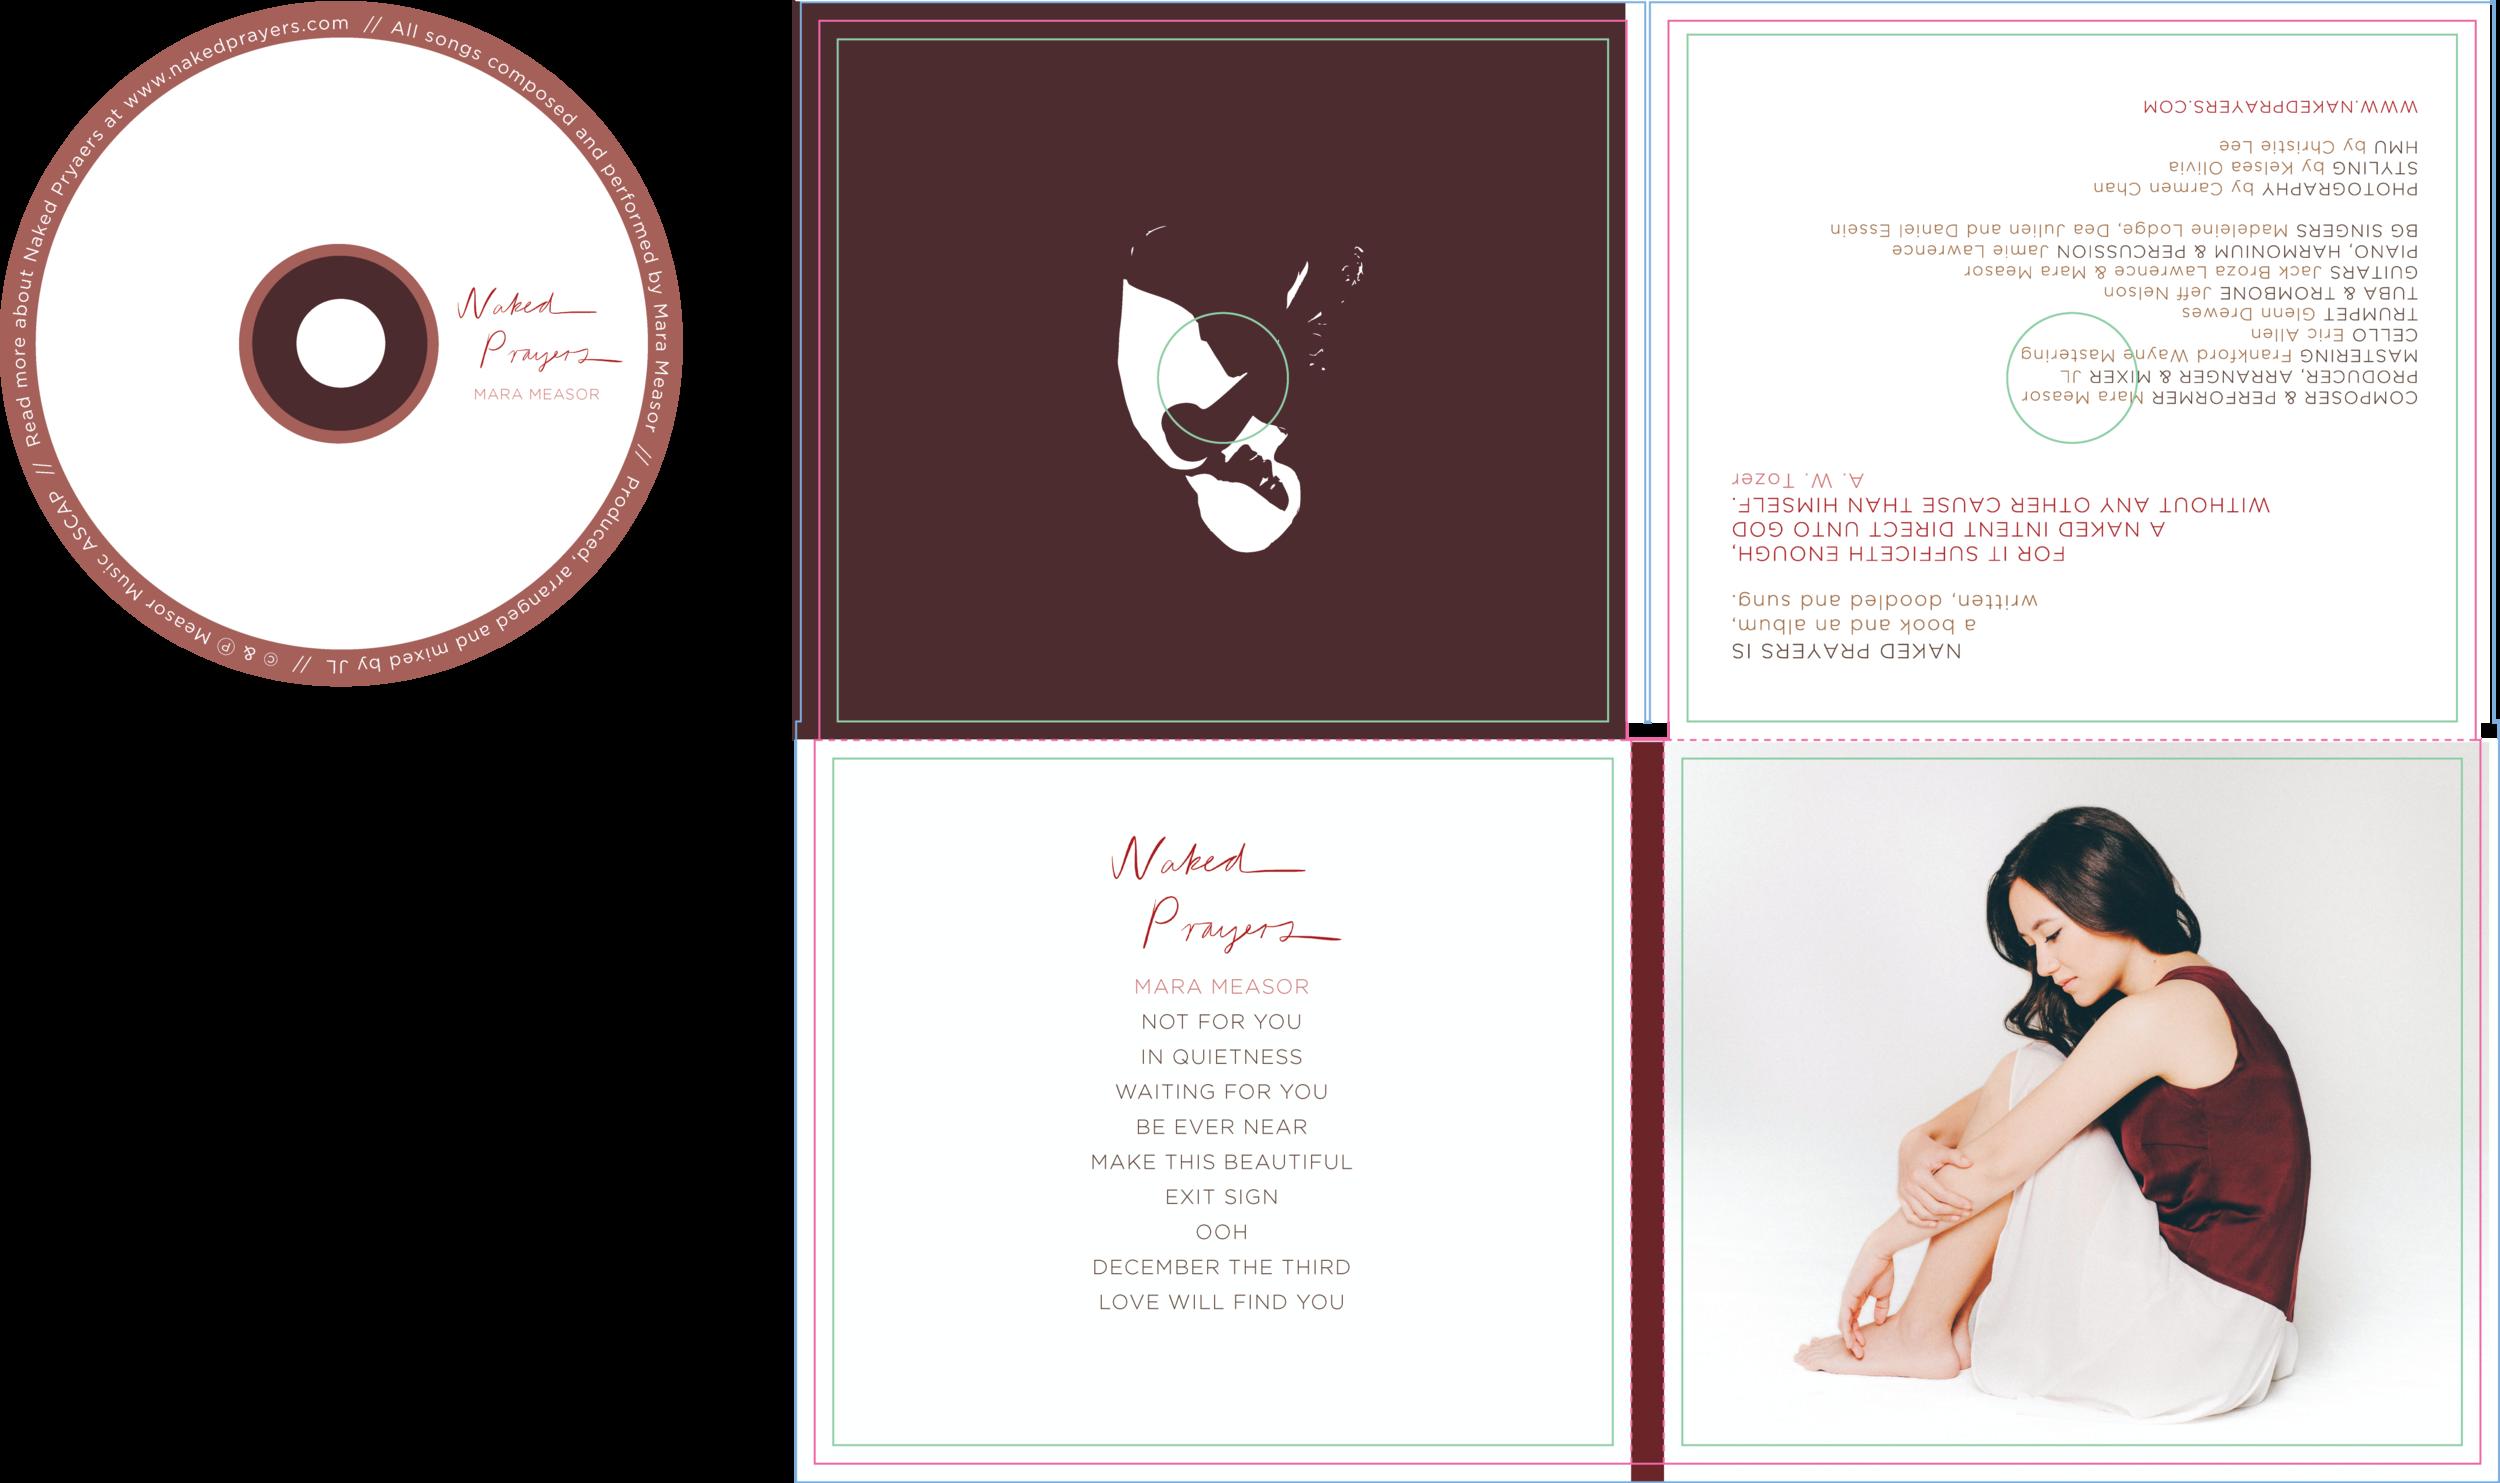 Full Album Art_Option 3.png